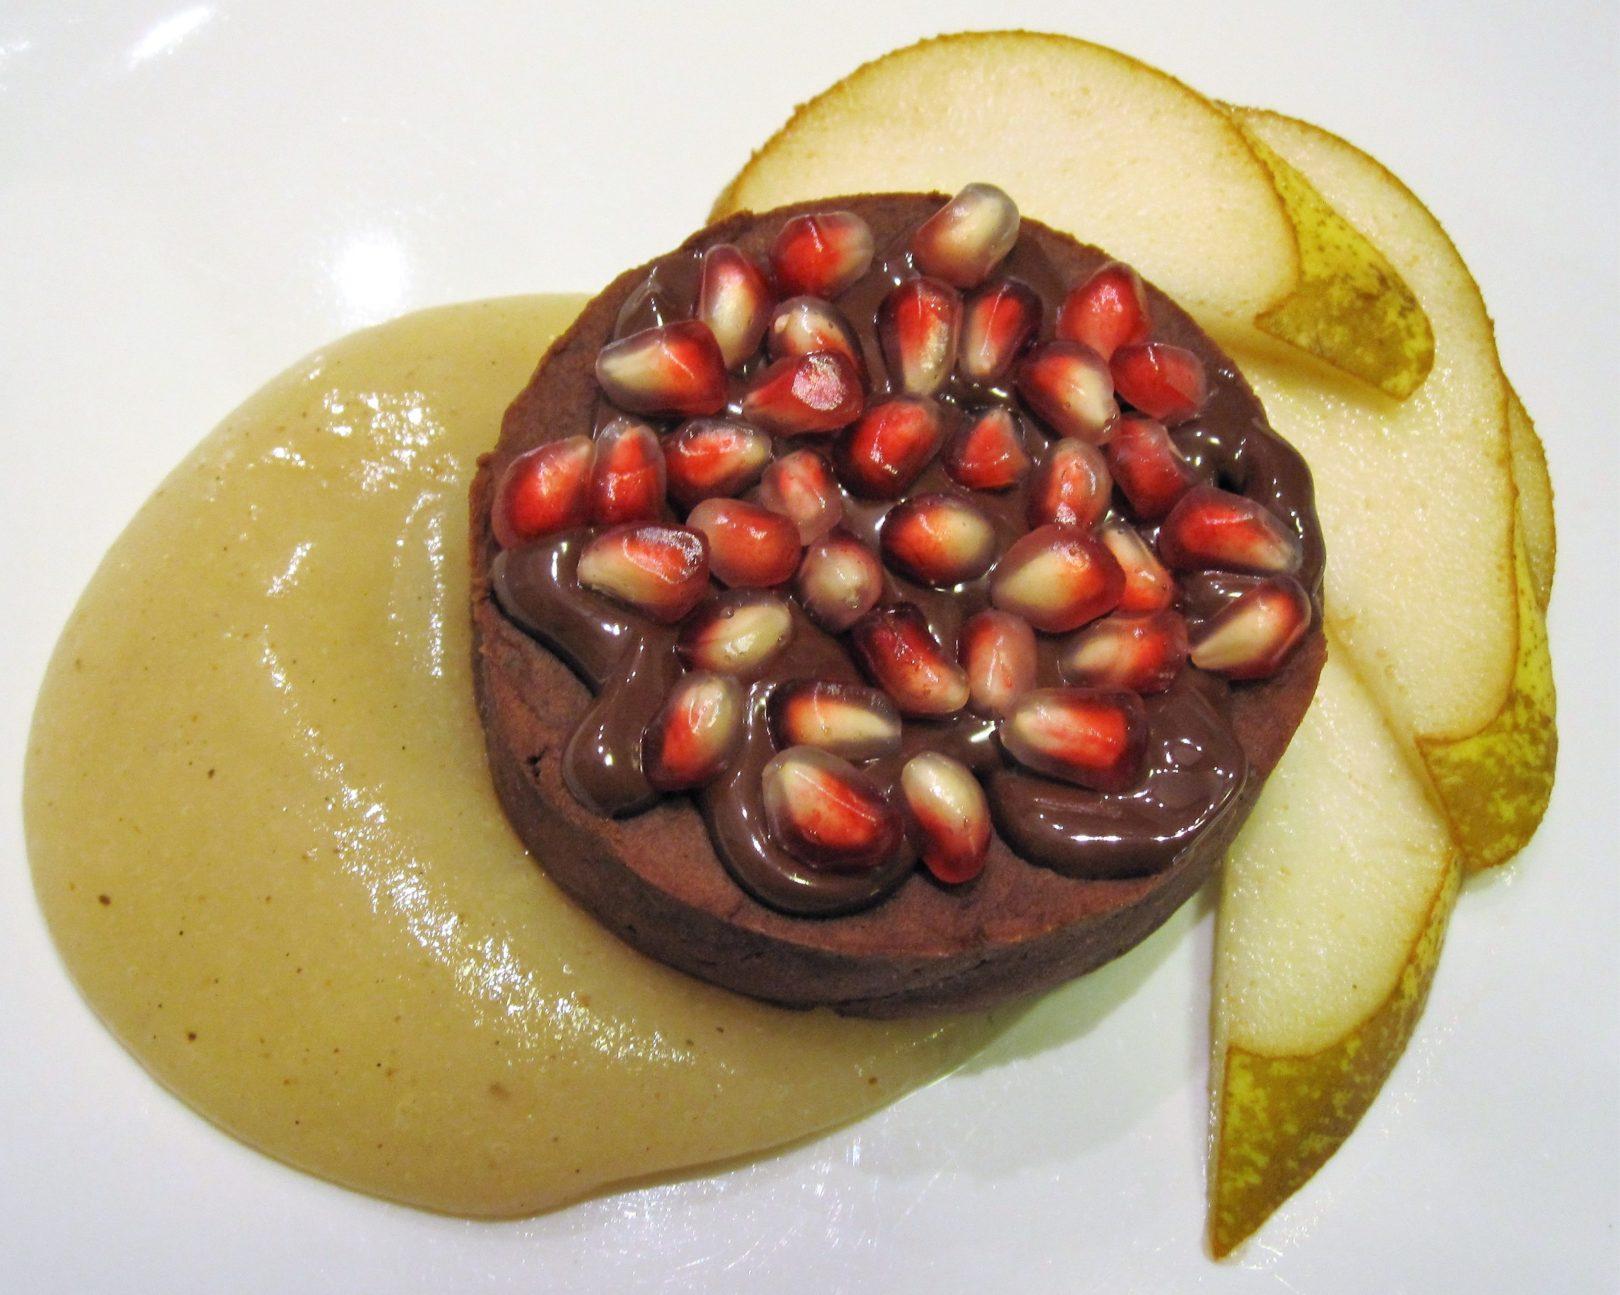 Tortino di patata dolce al cacao con salsa di pere alla vaniglia e chicchi di melagrana